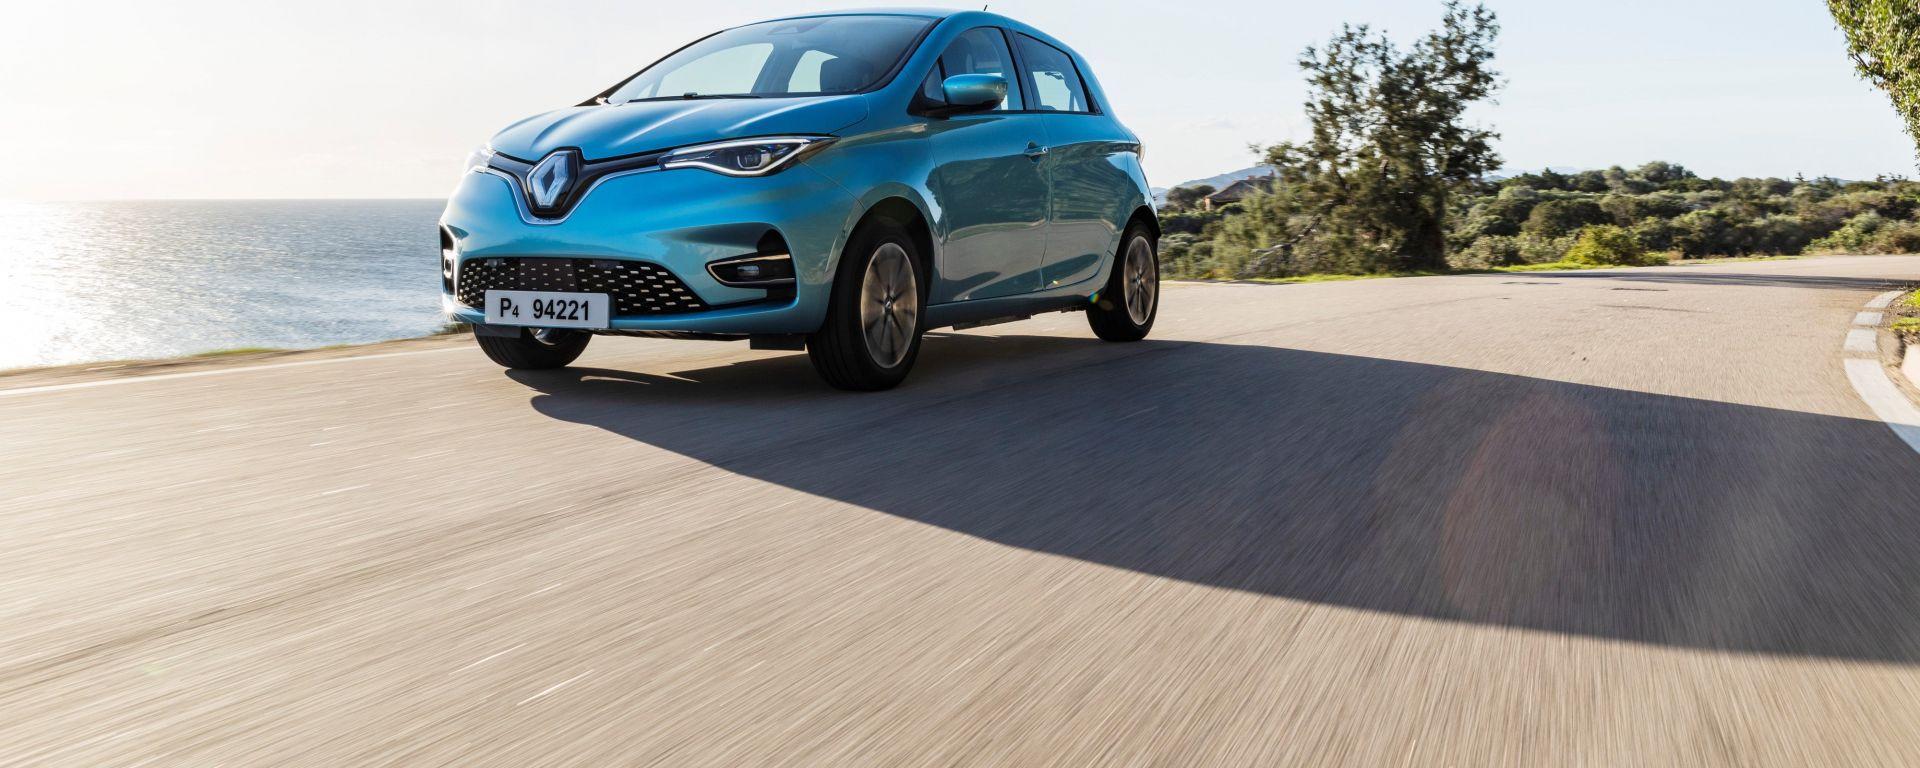 Nuova Renault ZOE: vista anteriore